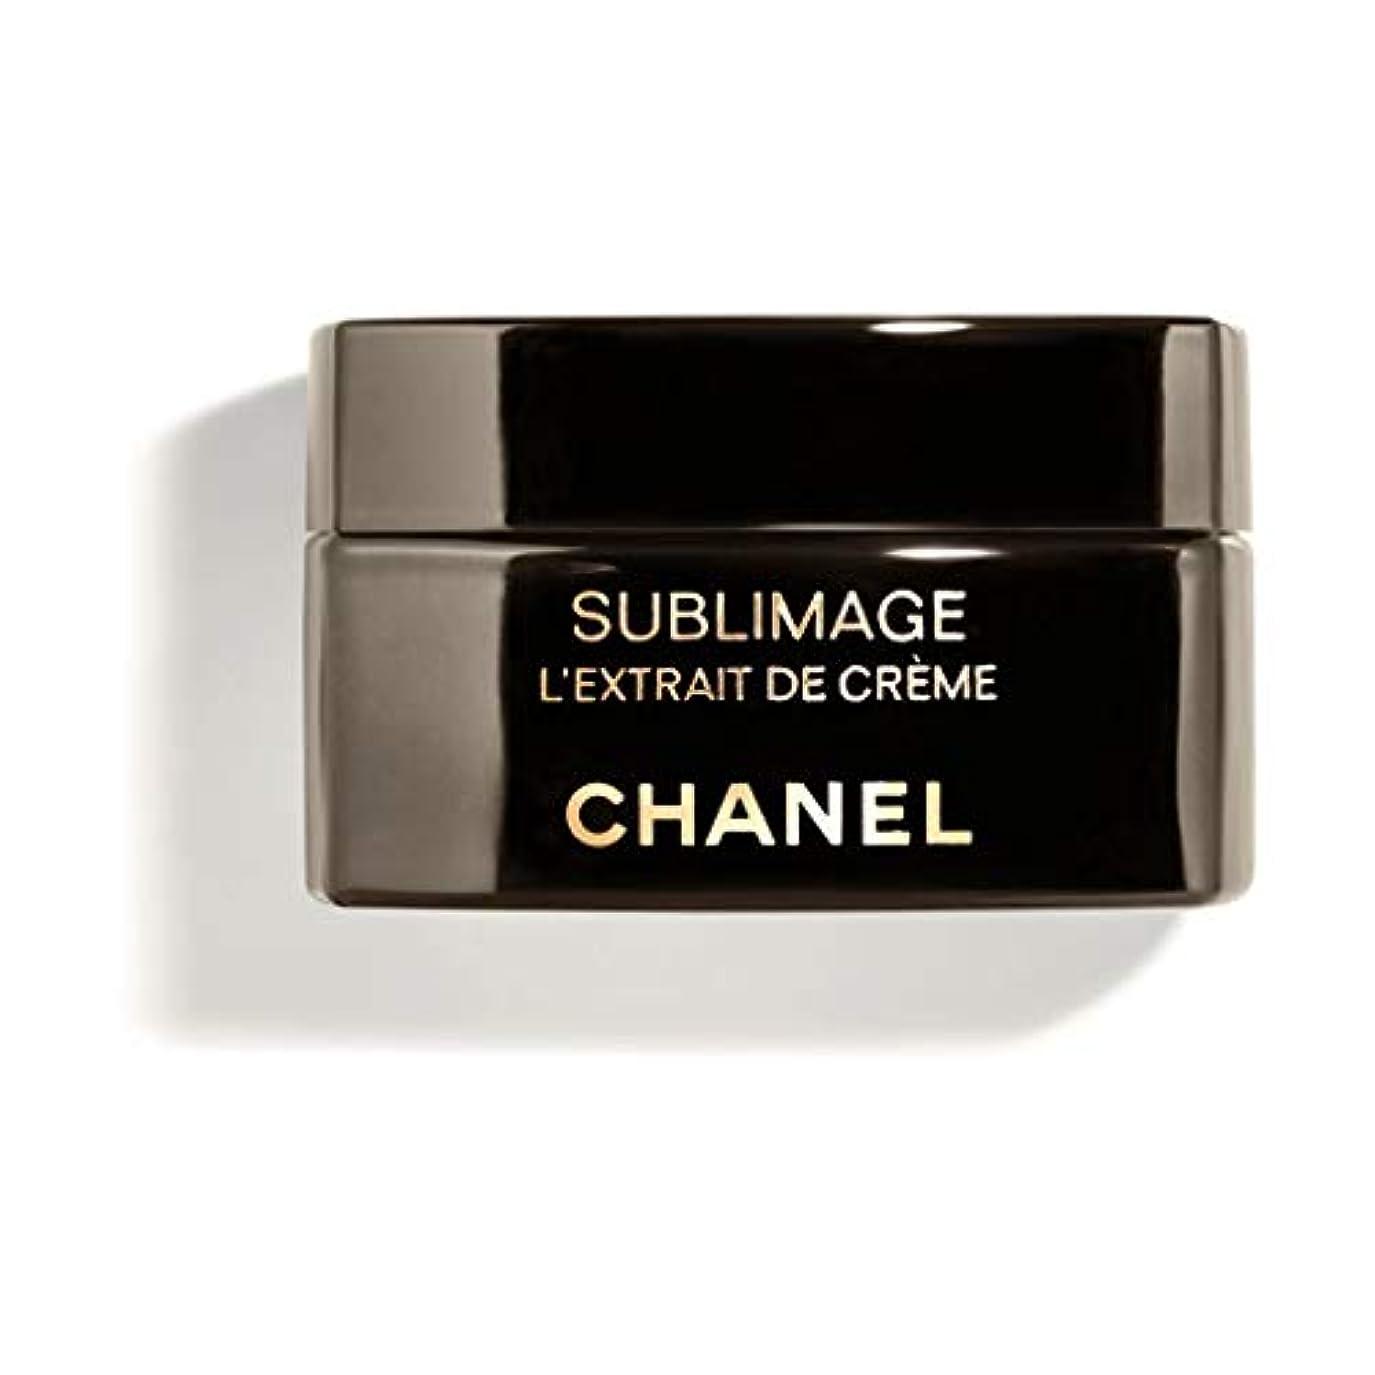 ビル銛ペストリーCHANEL(シャネル) SUBLIMAGE L EXTRAIT DE CREME サブリマージュ レクストレ ドゥ クレーム 50g